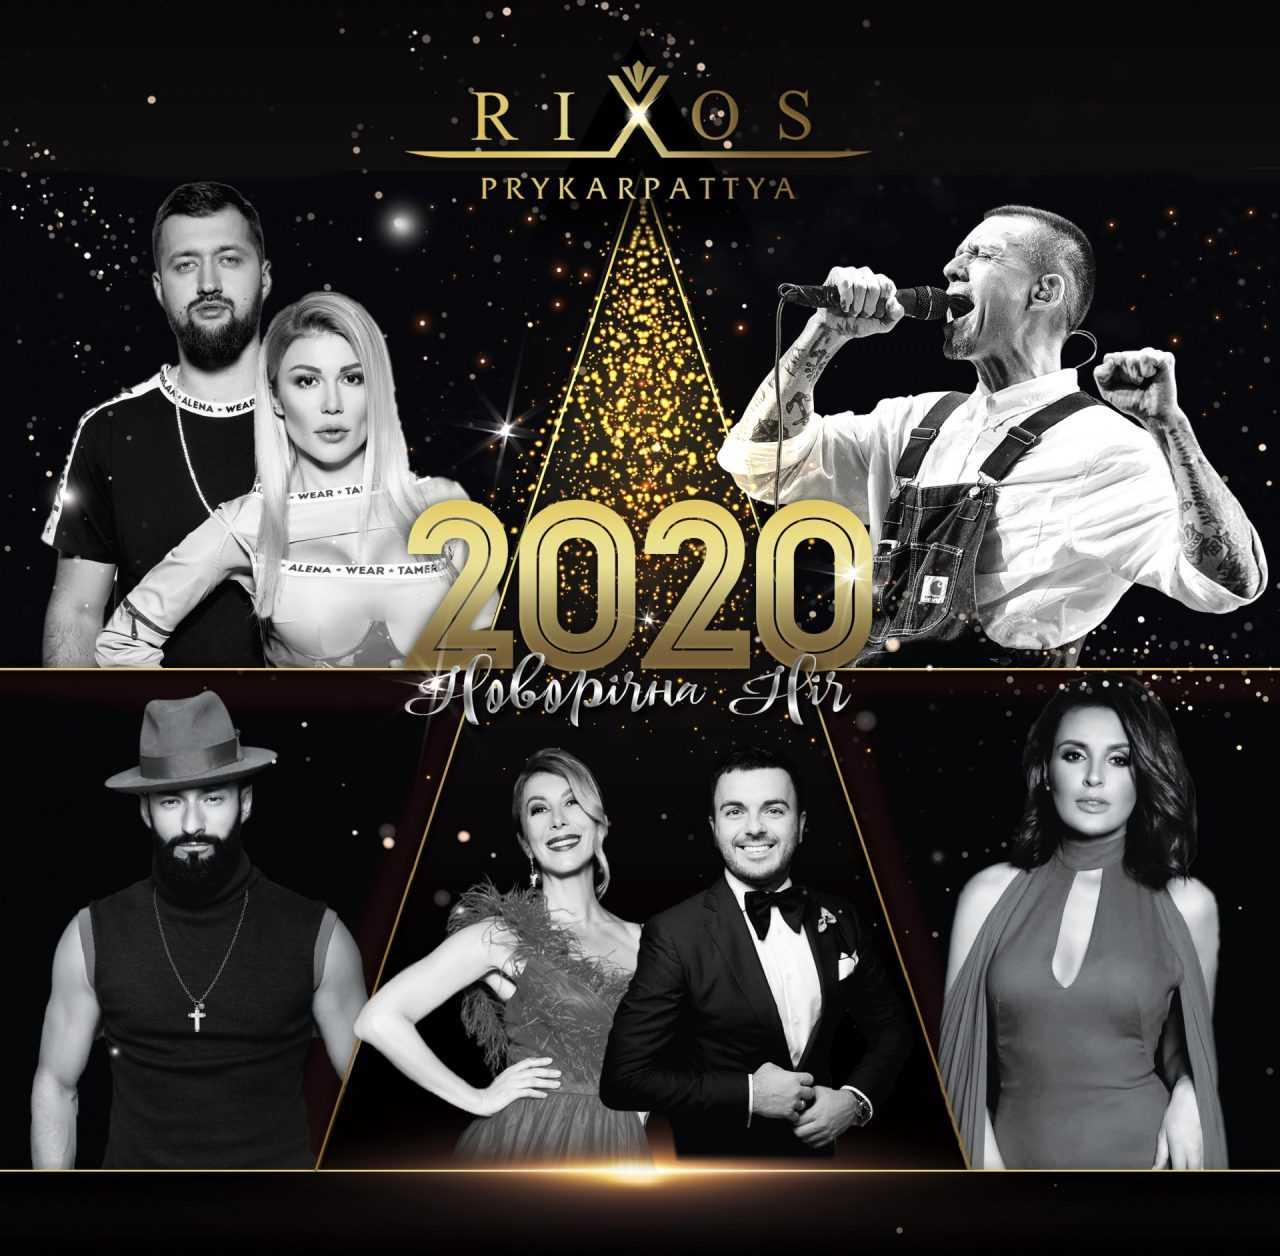 новый год 2020 риксос прикарпатье